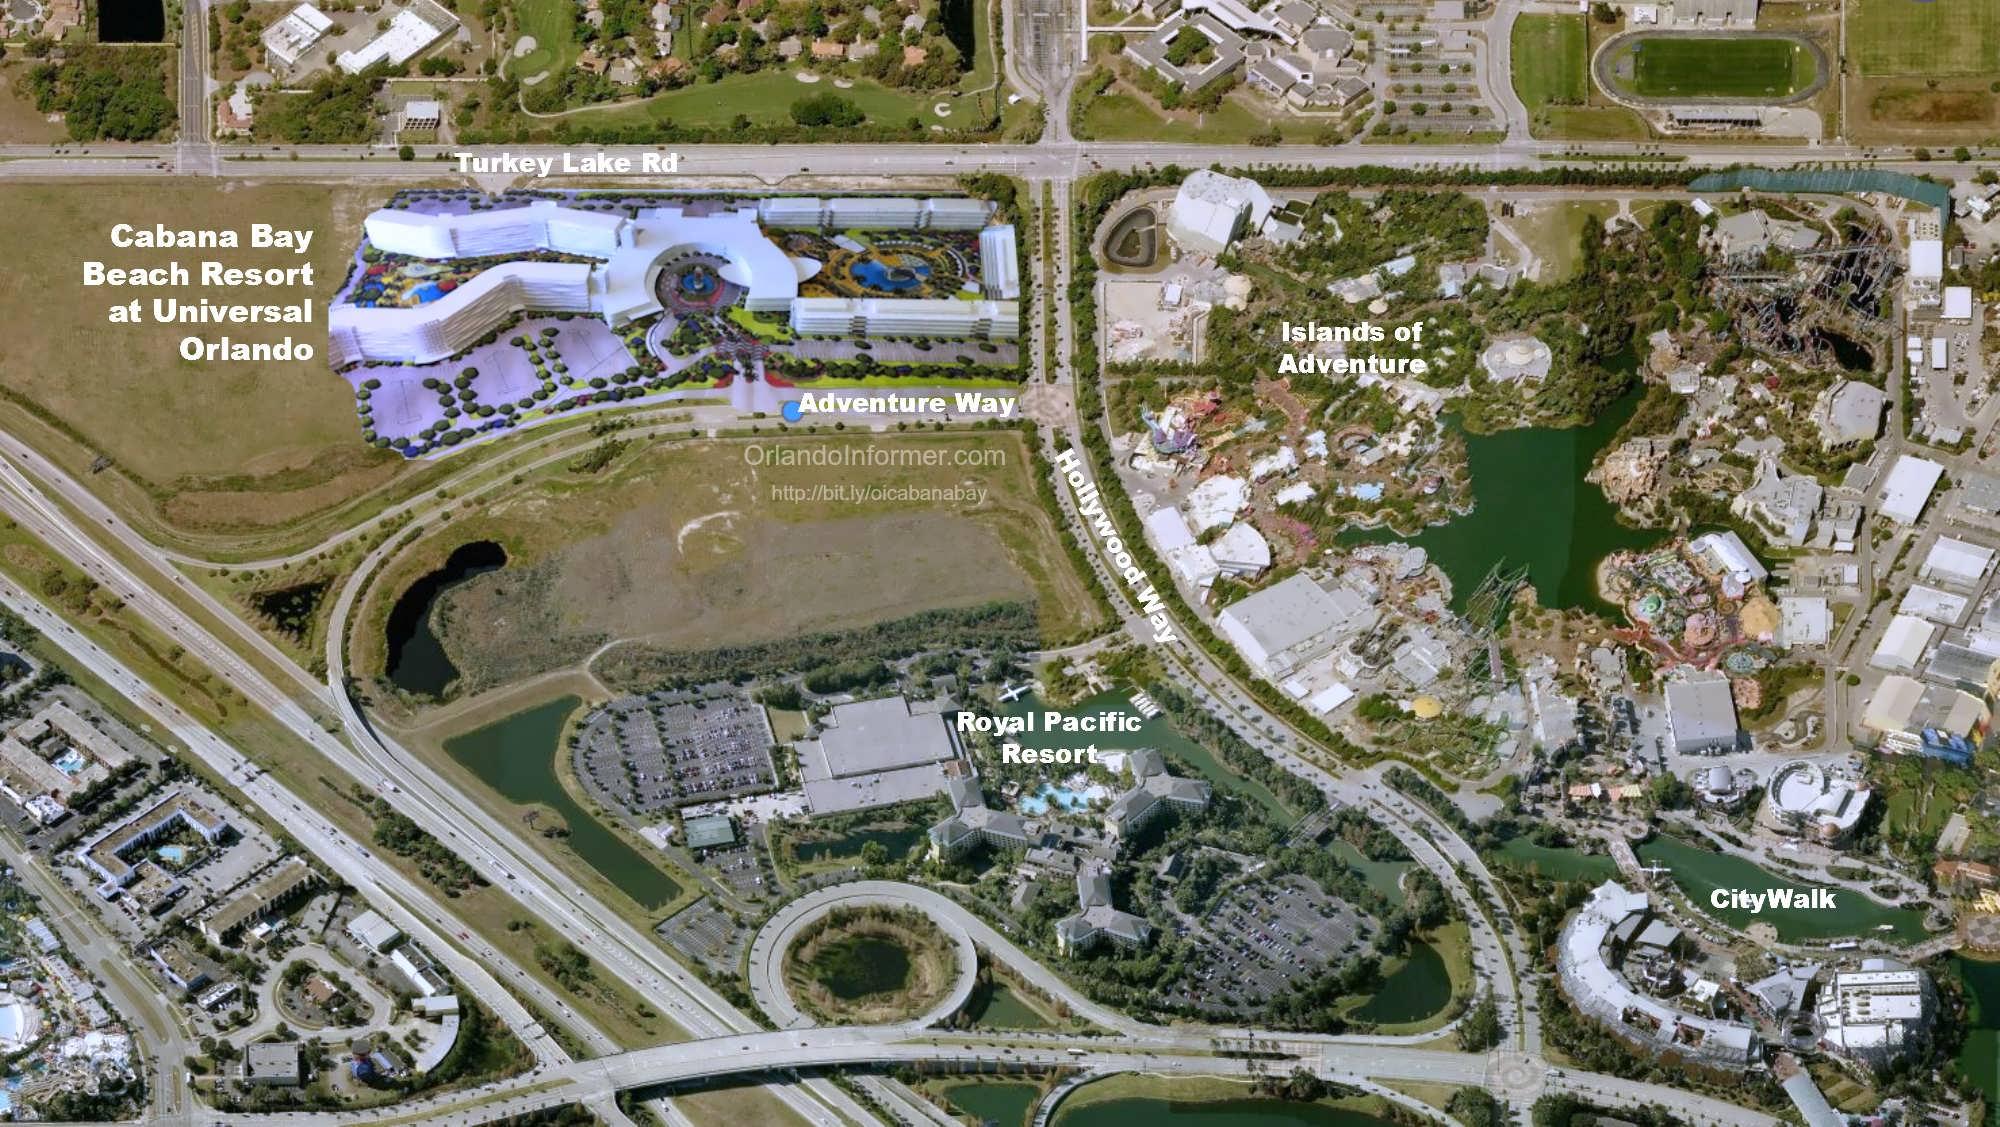 Cabana Bay Beach Resort composite map.